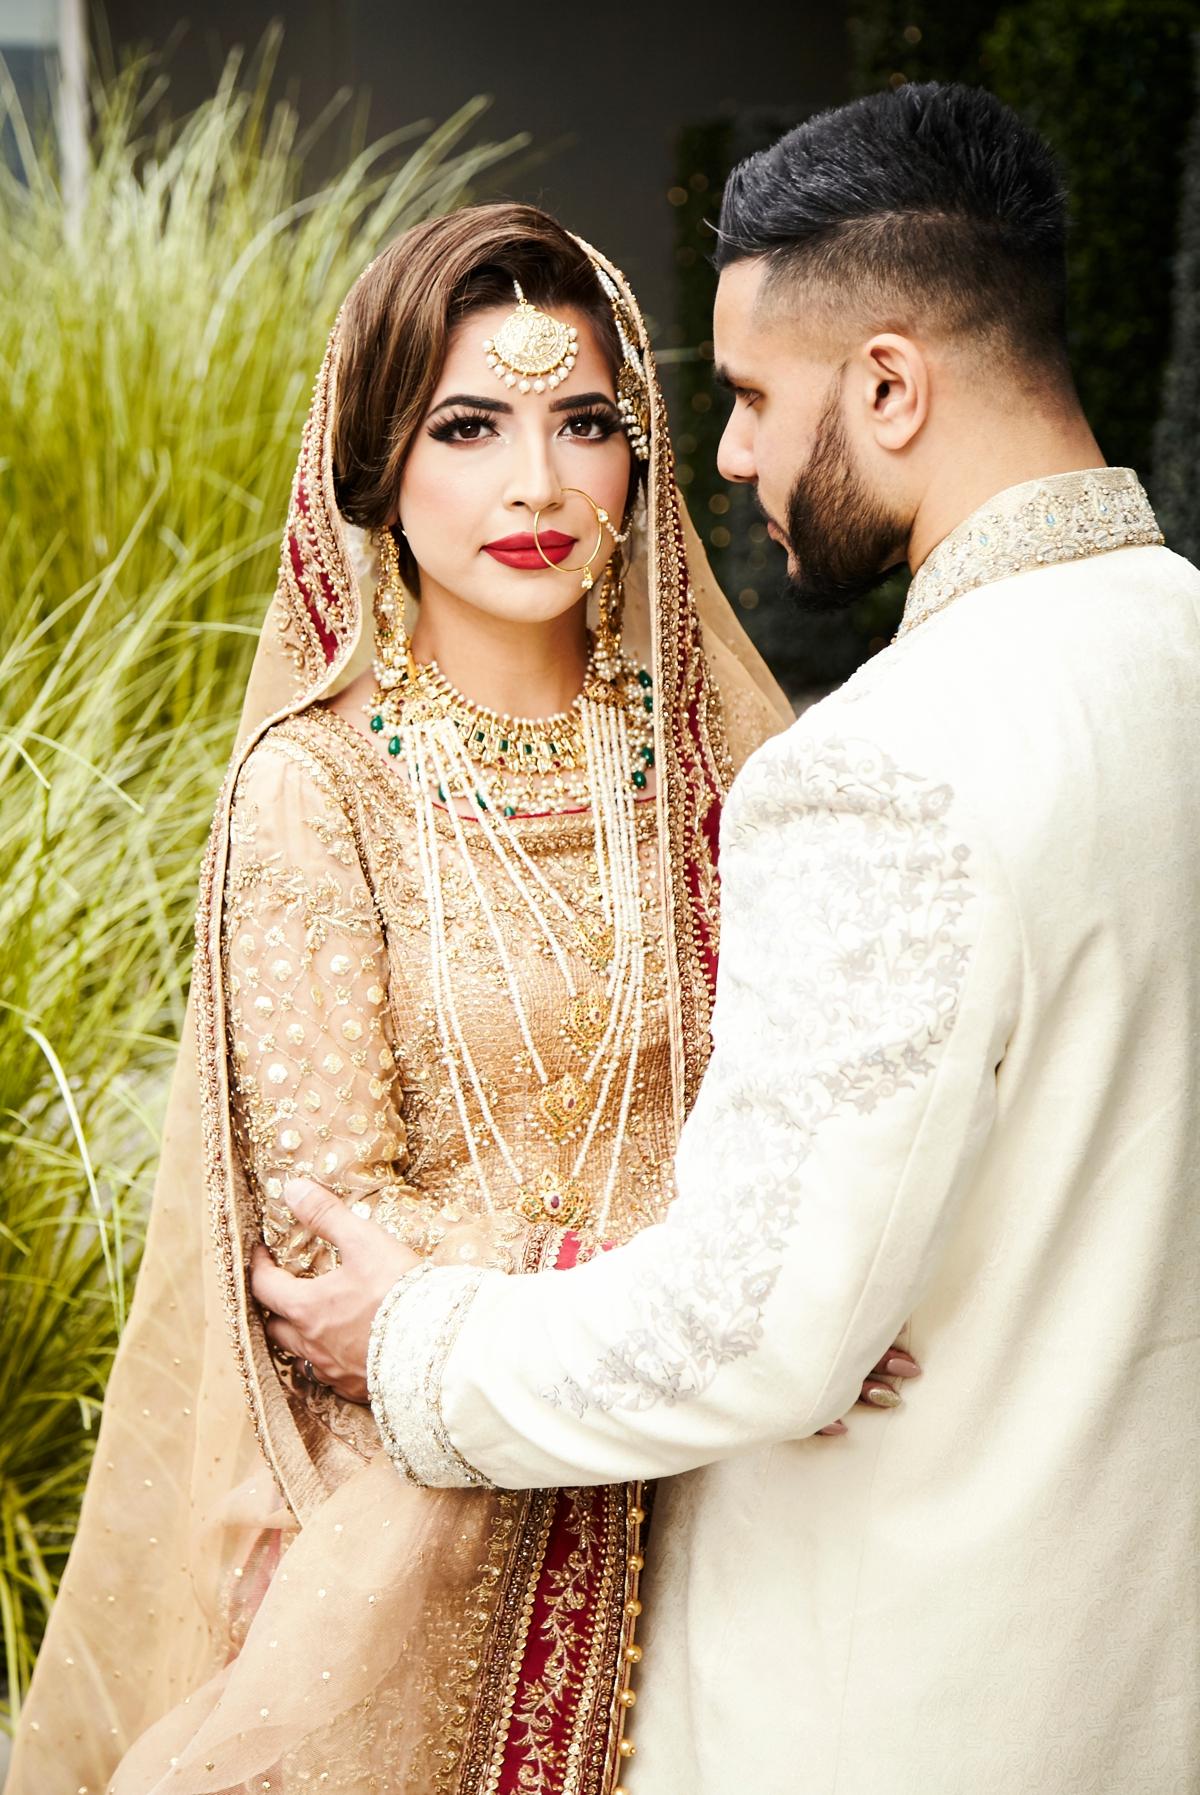 Mariam + Ashar Blog 13.jpg